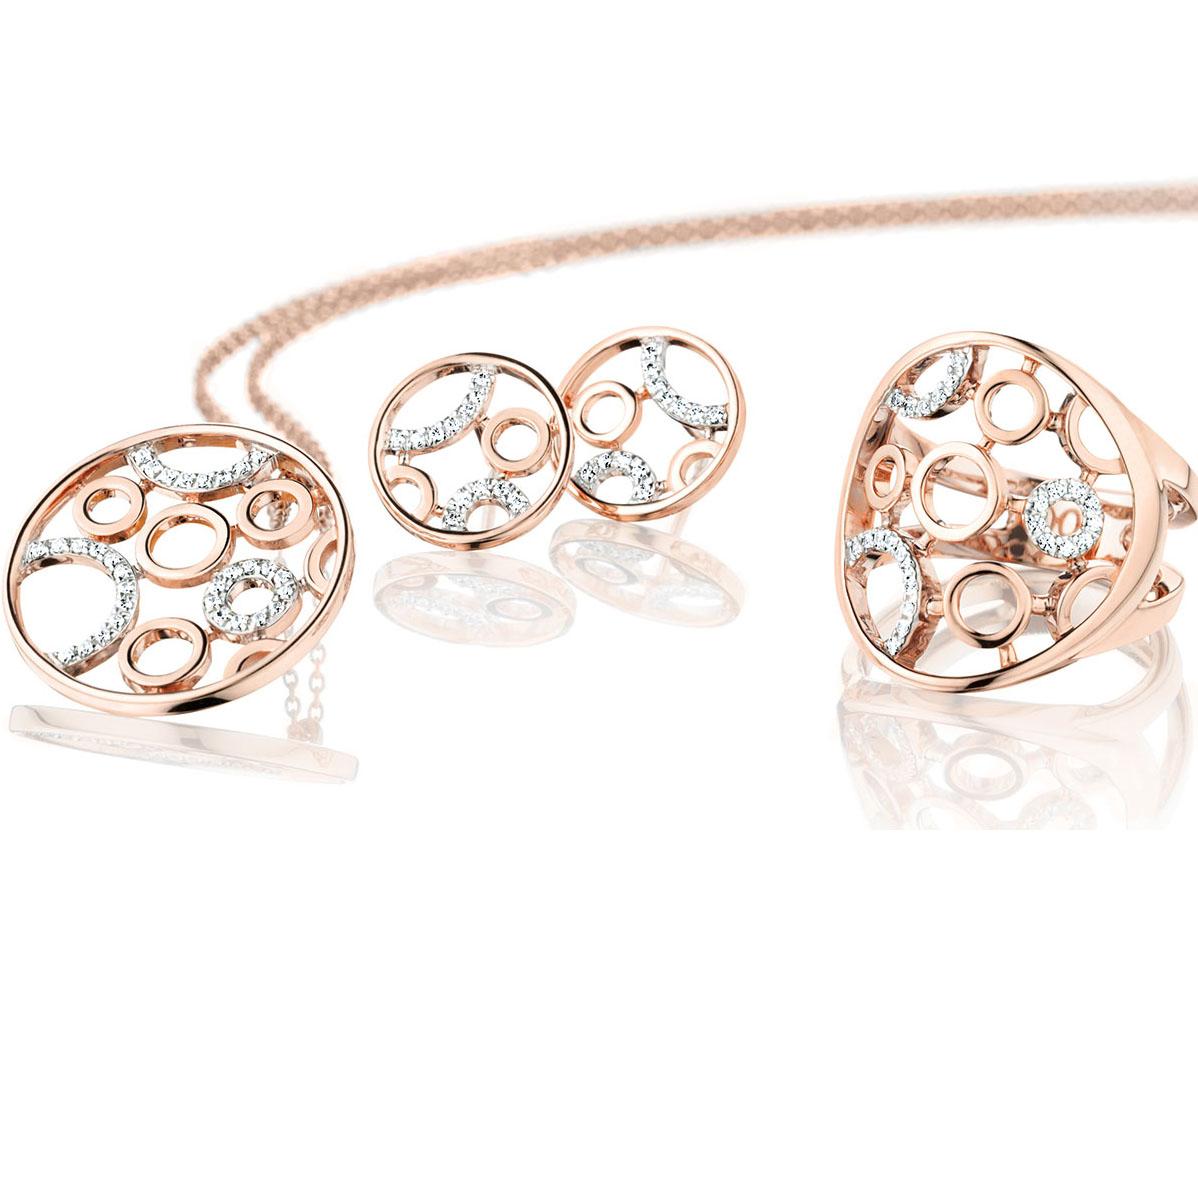 Custom made rose gold plating ring pendant earrings